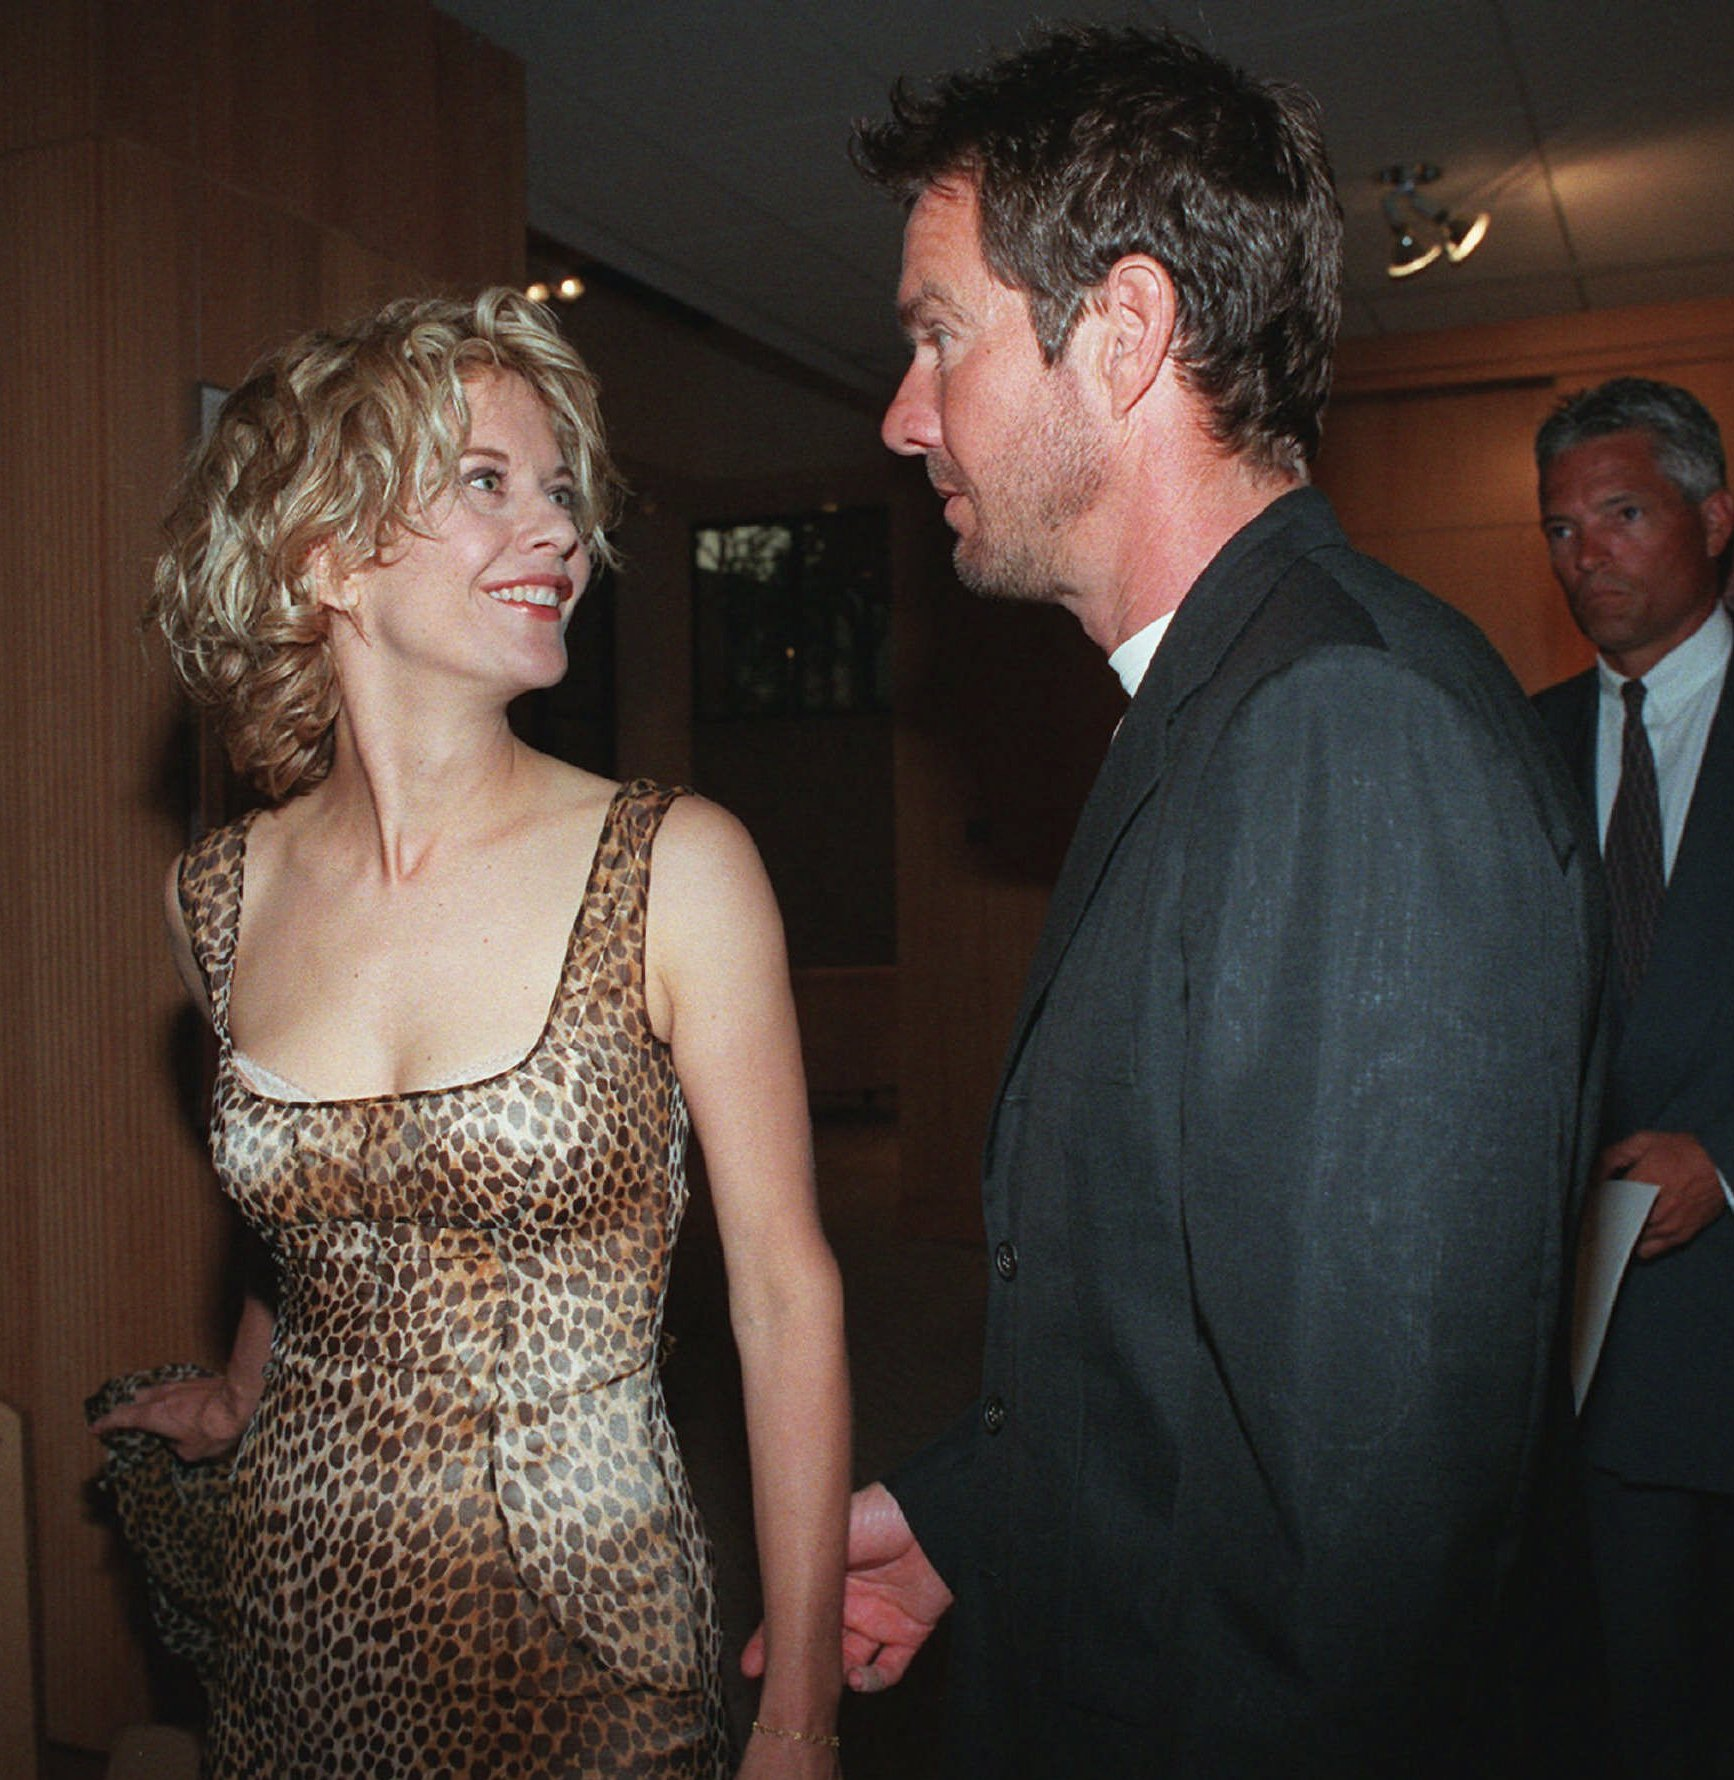 Μέρες αγάπης και θυμόμαστε τα μεγαλύτερα σκάνδαλα απιστίας στην ιστορία του Hollywood